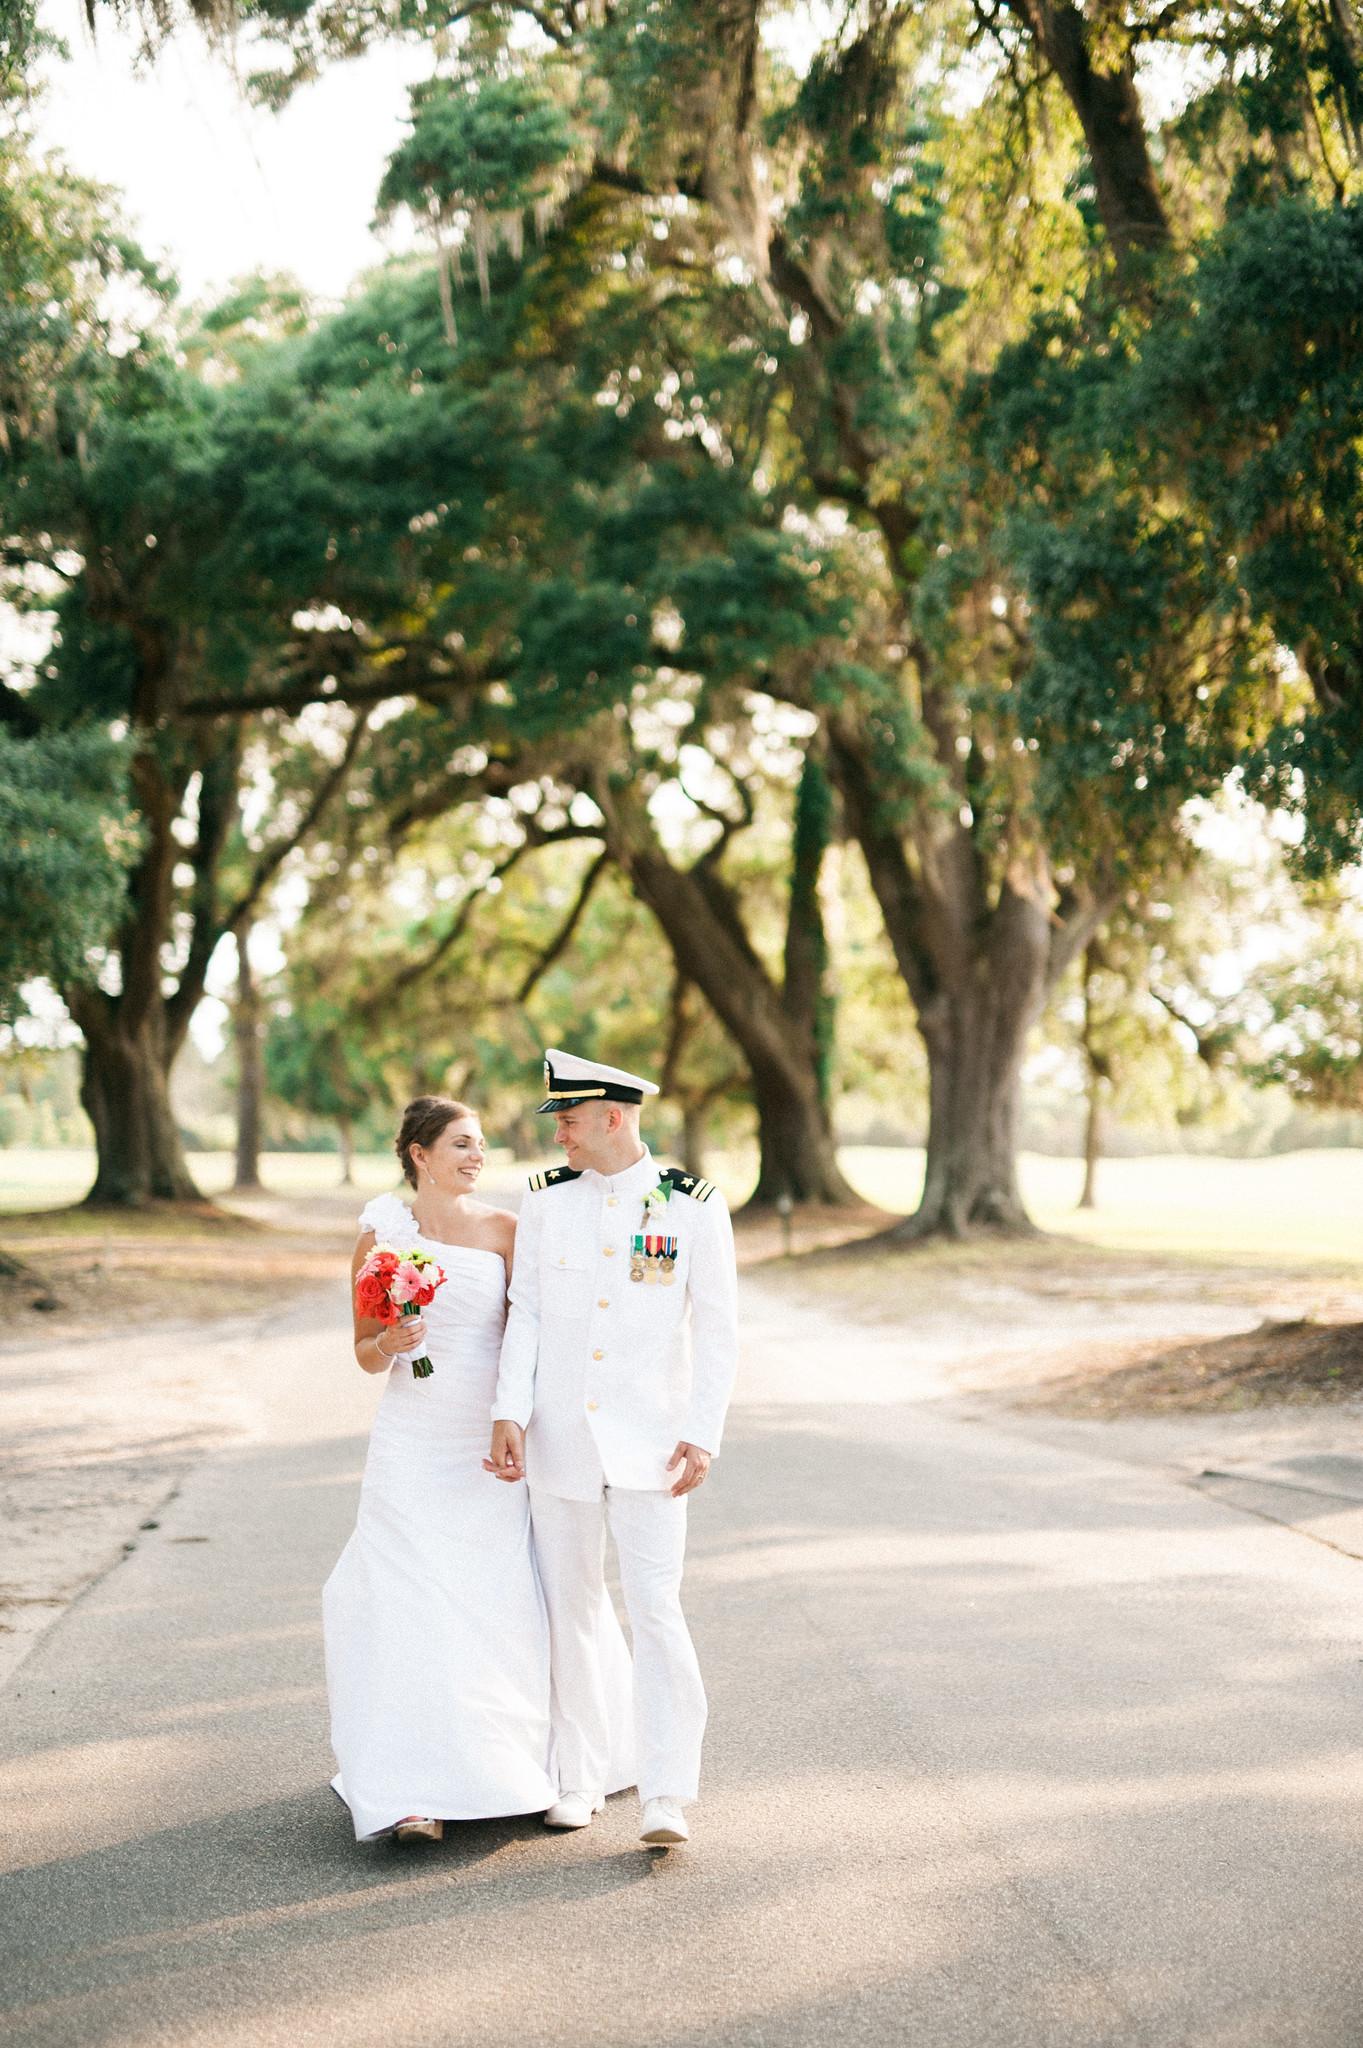 arthur-wedding-290-X4.jpg